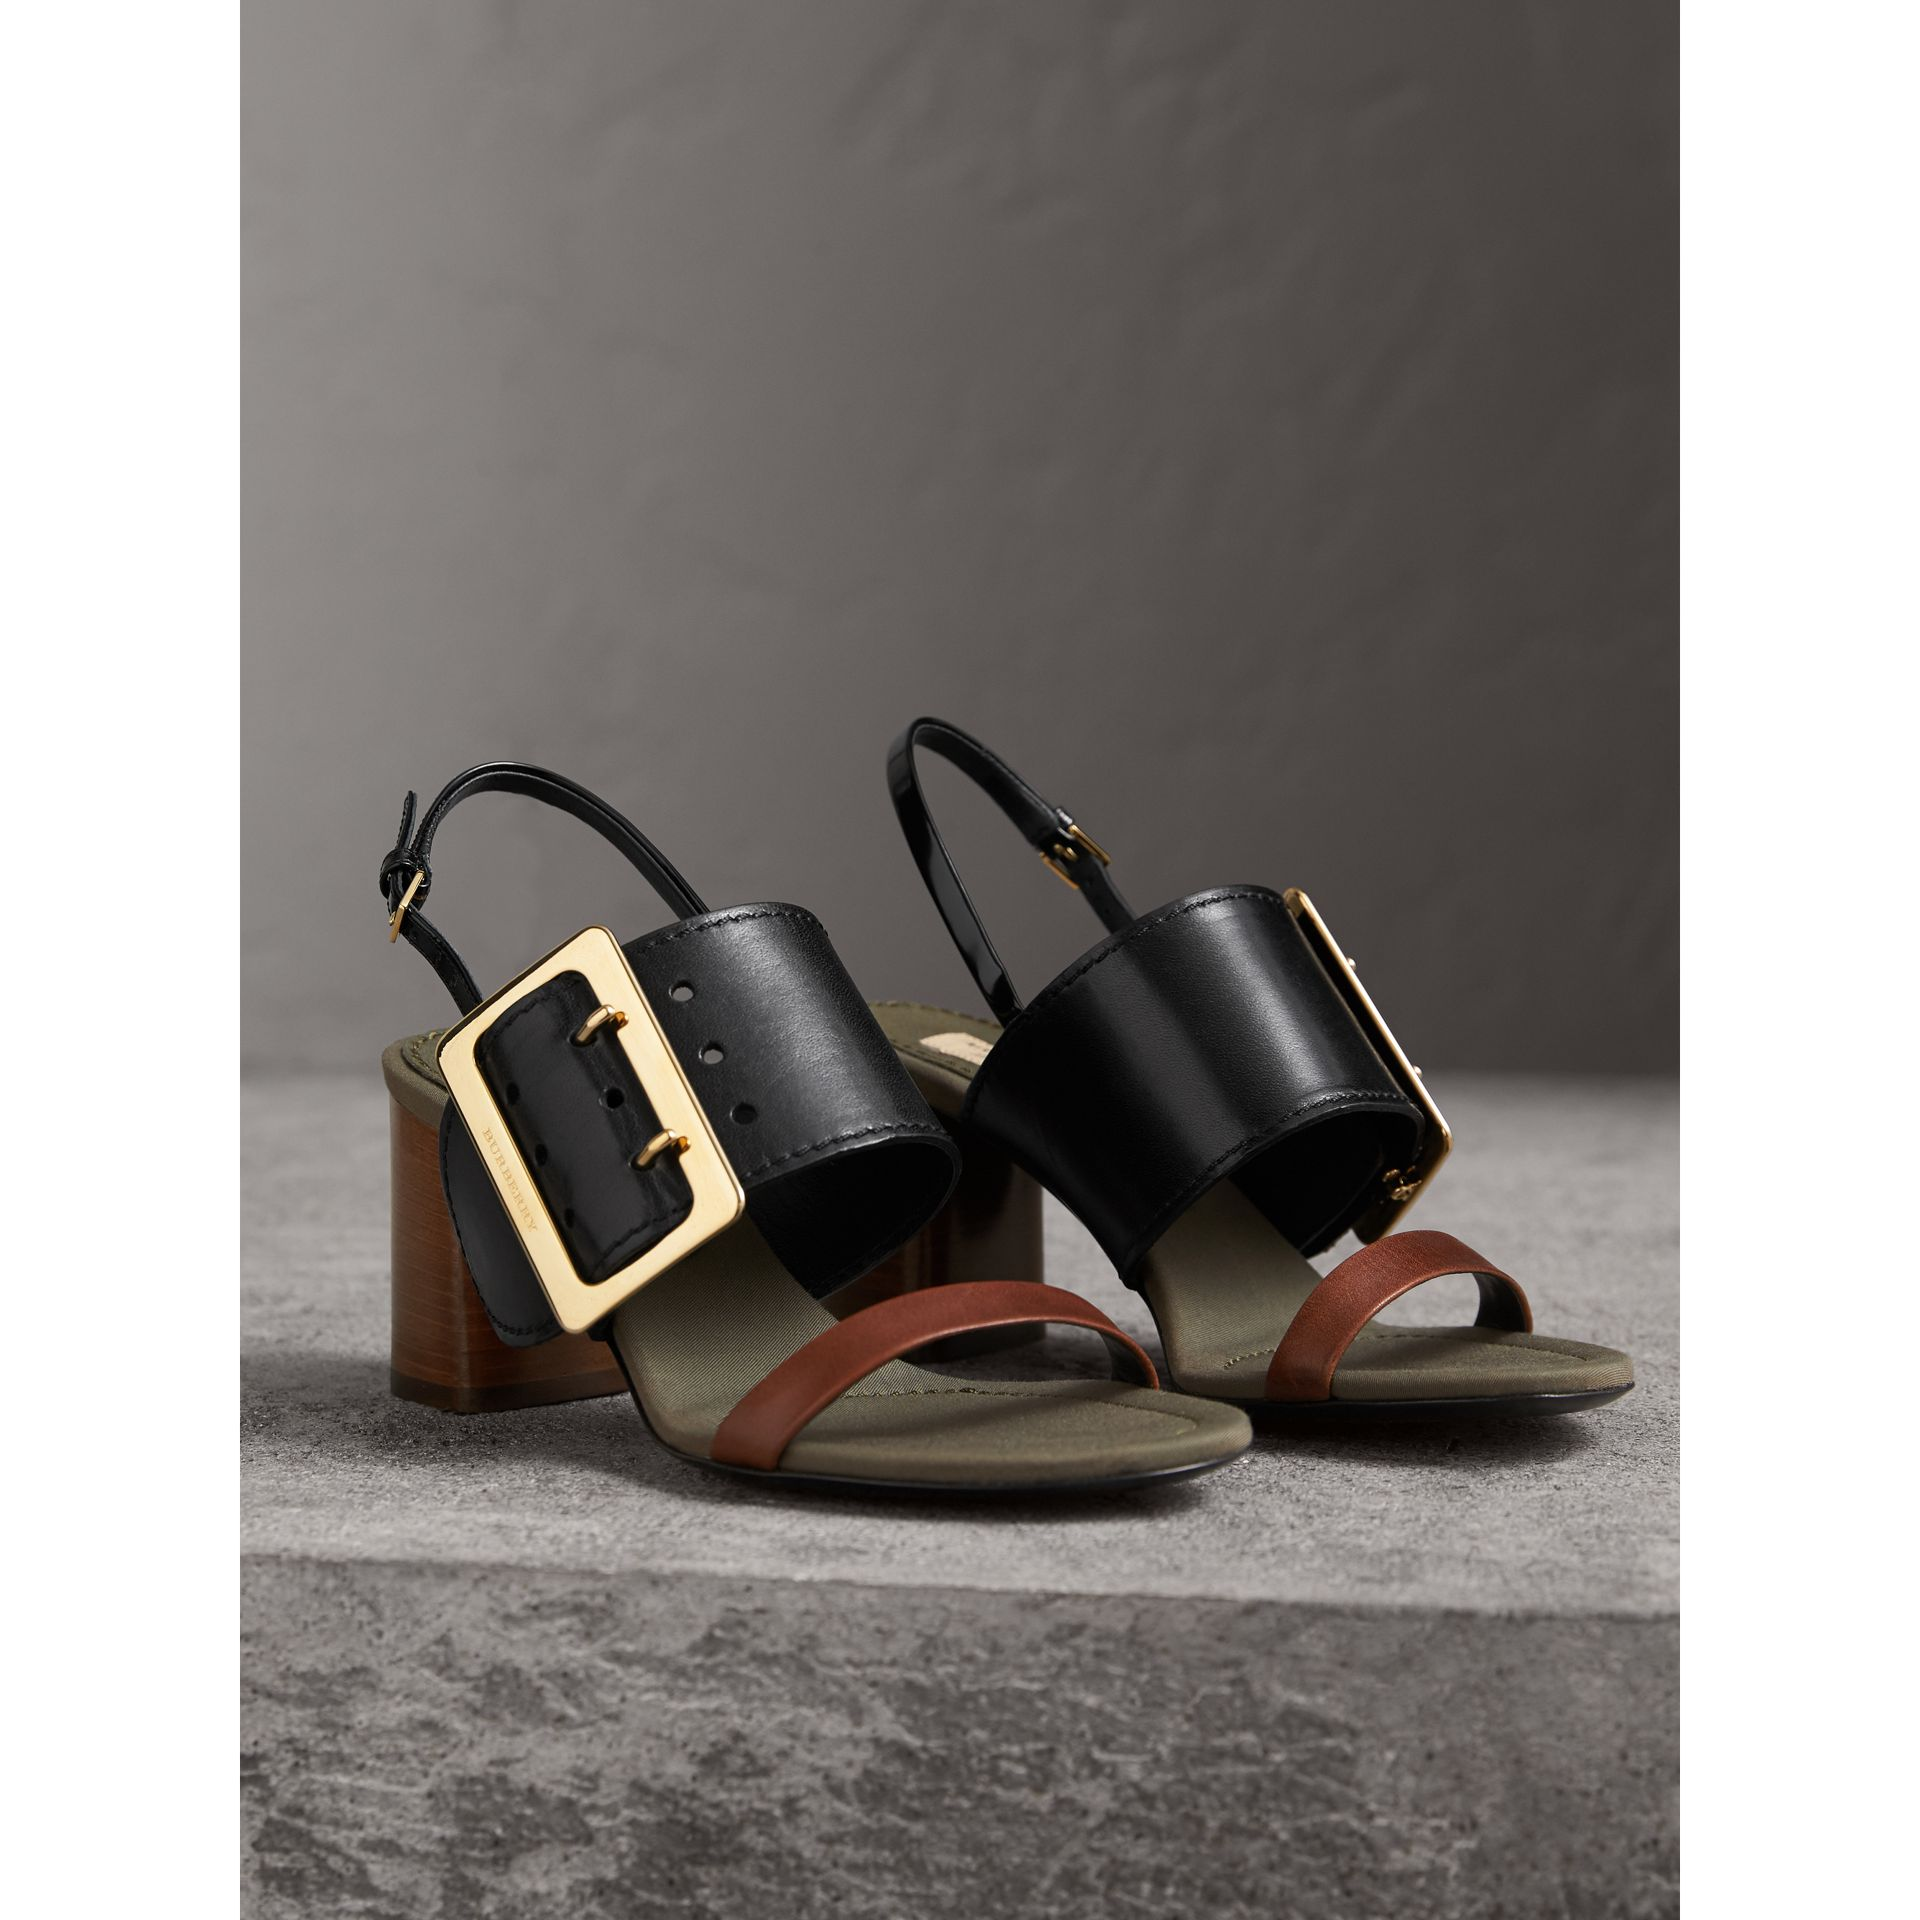 Sandalias en piel con detalle de hebilla grande (Negro) - Mujer | Burberry - imagen de la galería 5